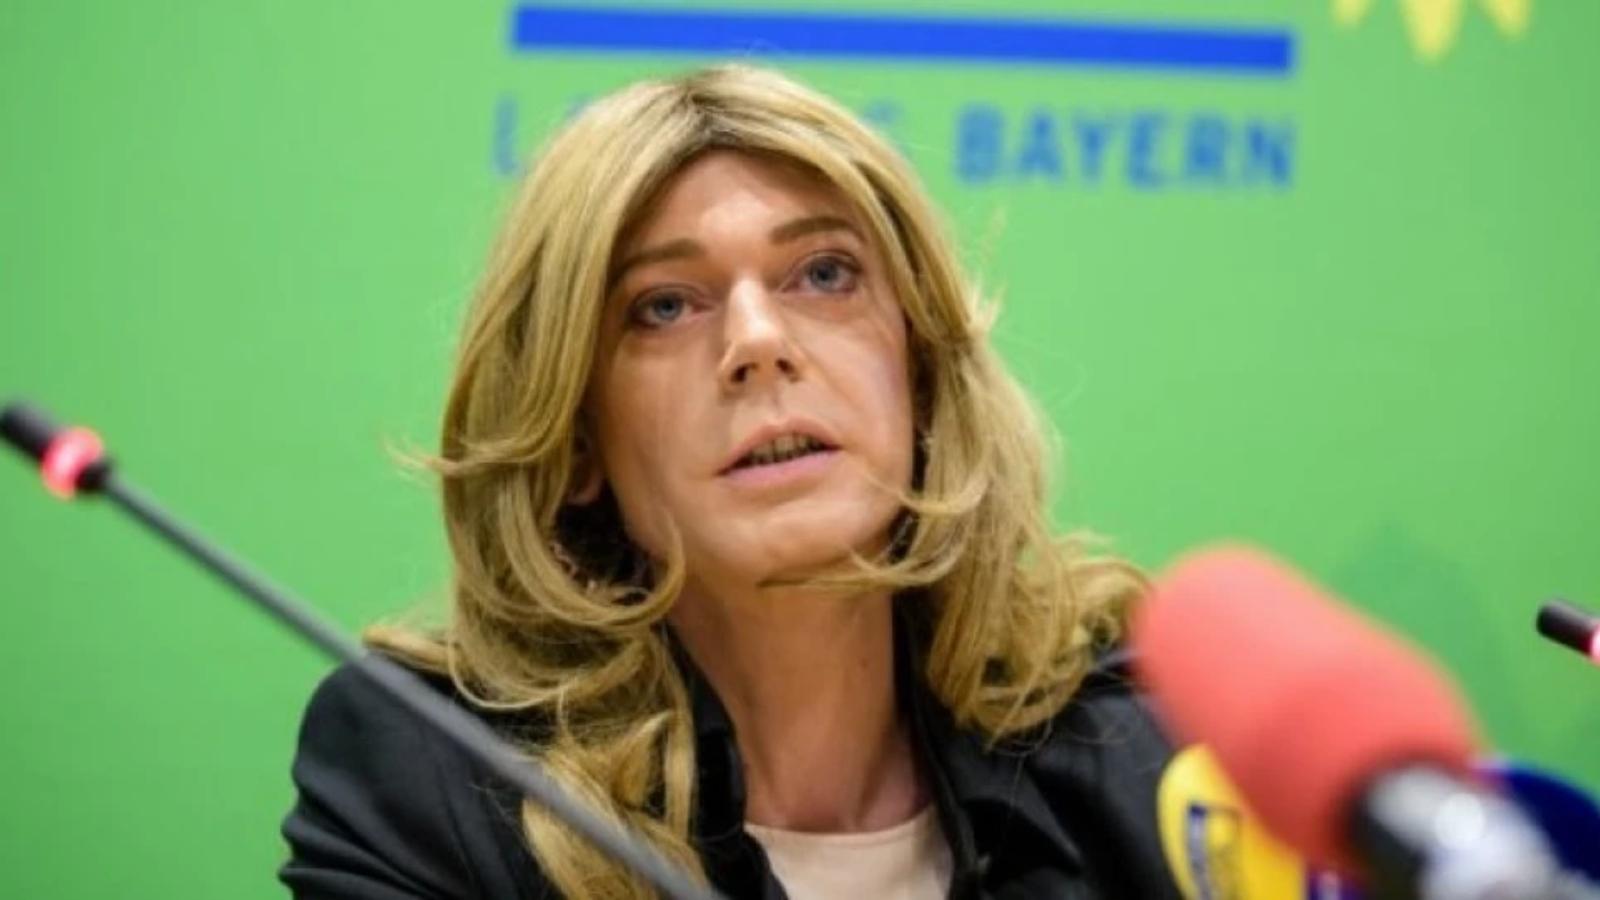 Γερμανία: Στη Μπούντεσταγκ η πρώτη τρανσέξουαλ βουλευτής